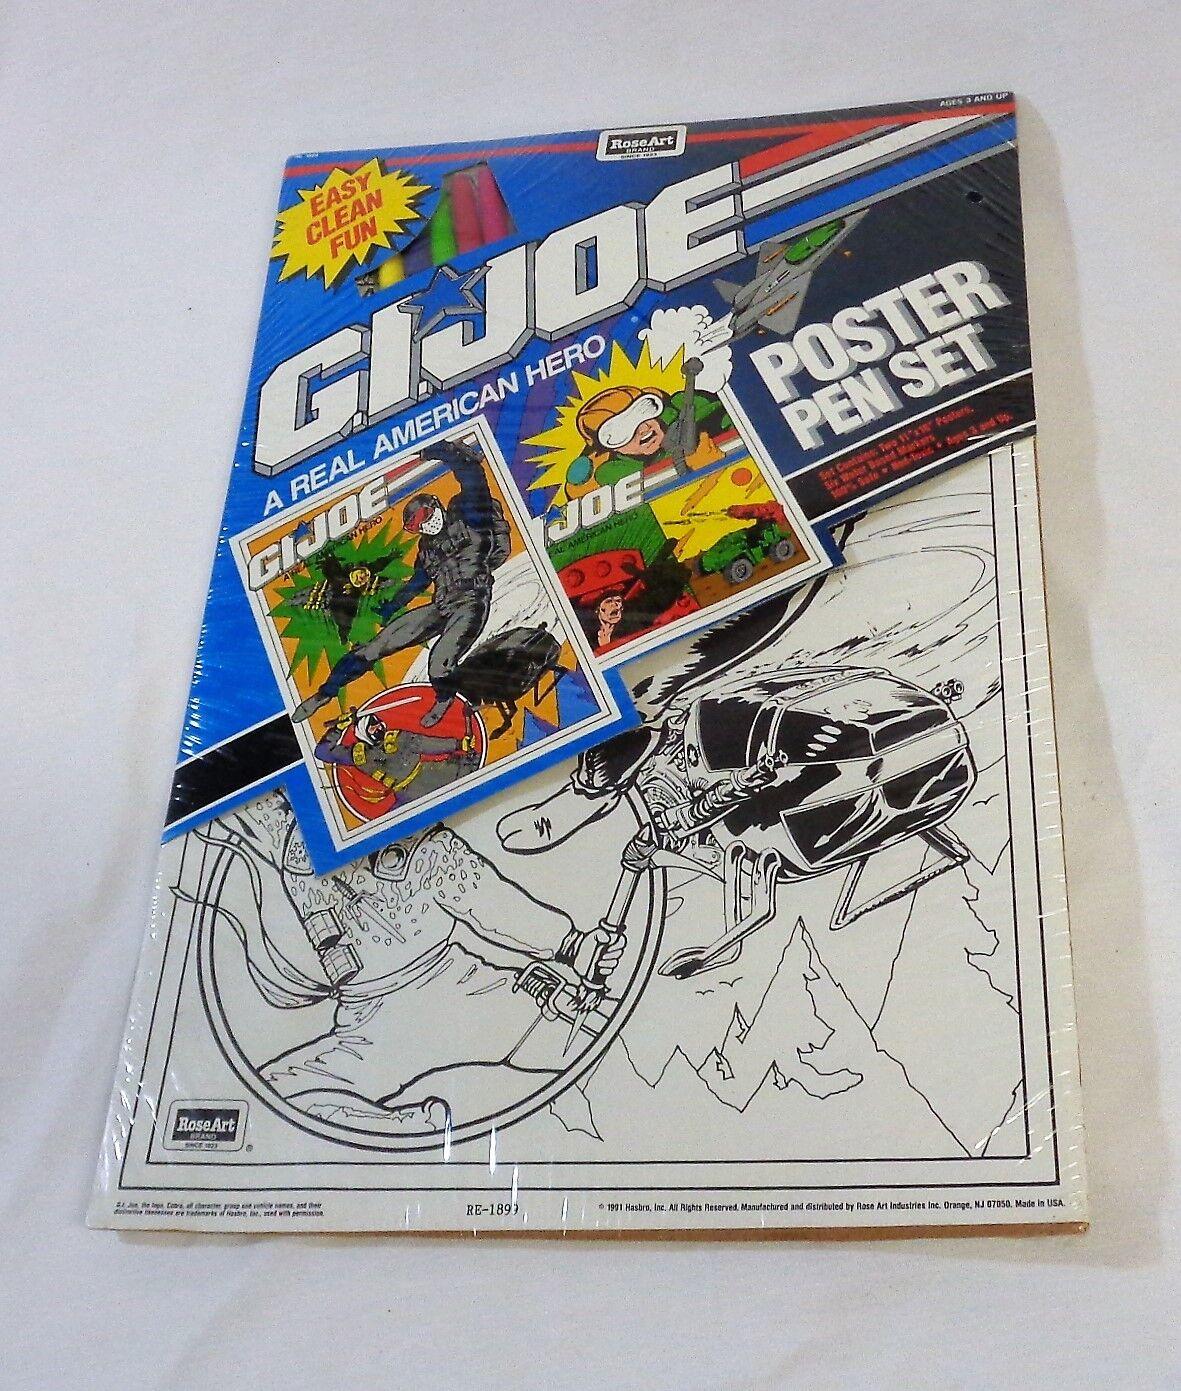 1991 vintage g.i. joe Rosa art zeichenbrett farbe poster & stift wurde versiegelt, neue